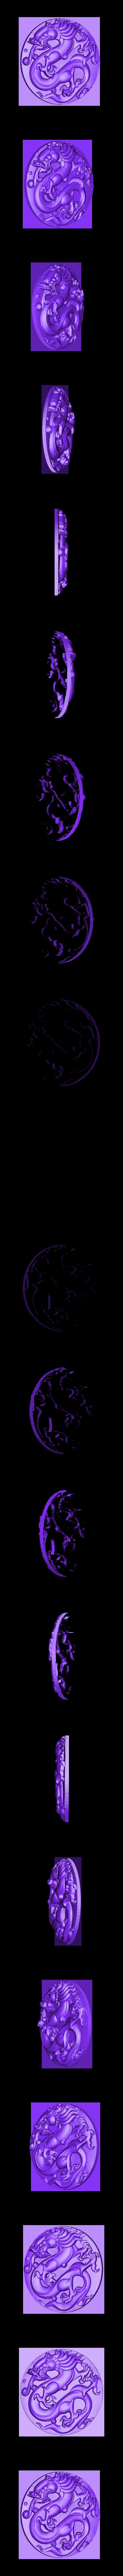 circularDragon.stl Télécharger fichier OBJ gratuit dragon circulaire • Objet imprimable en 3D, stlfilesfree